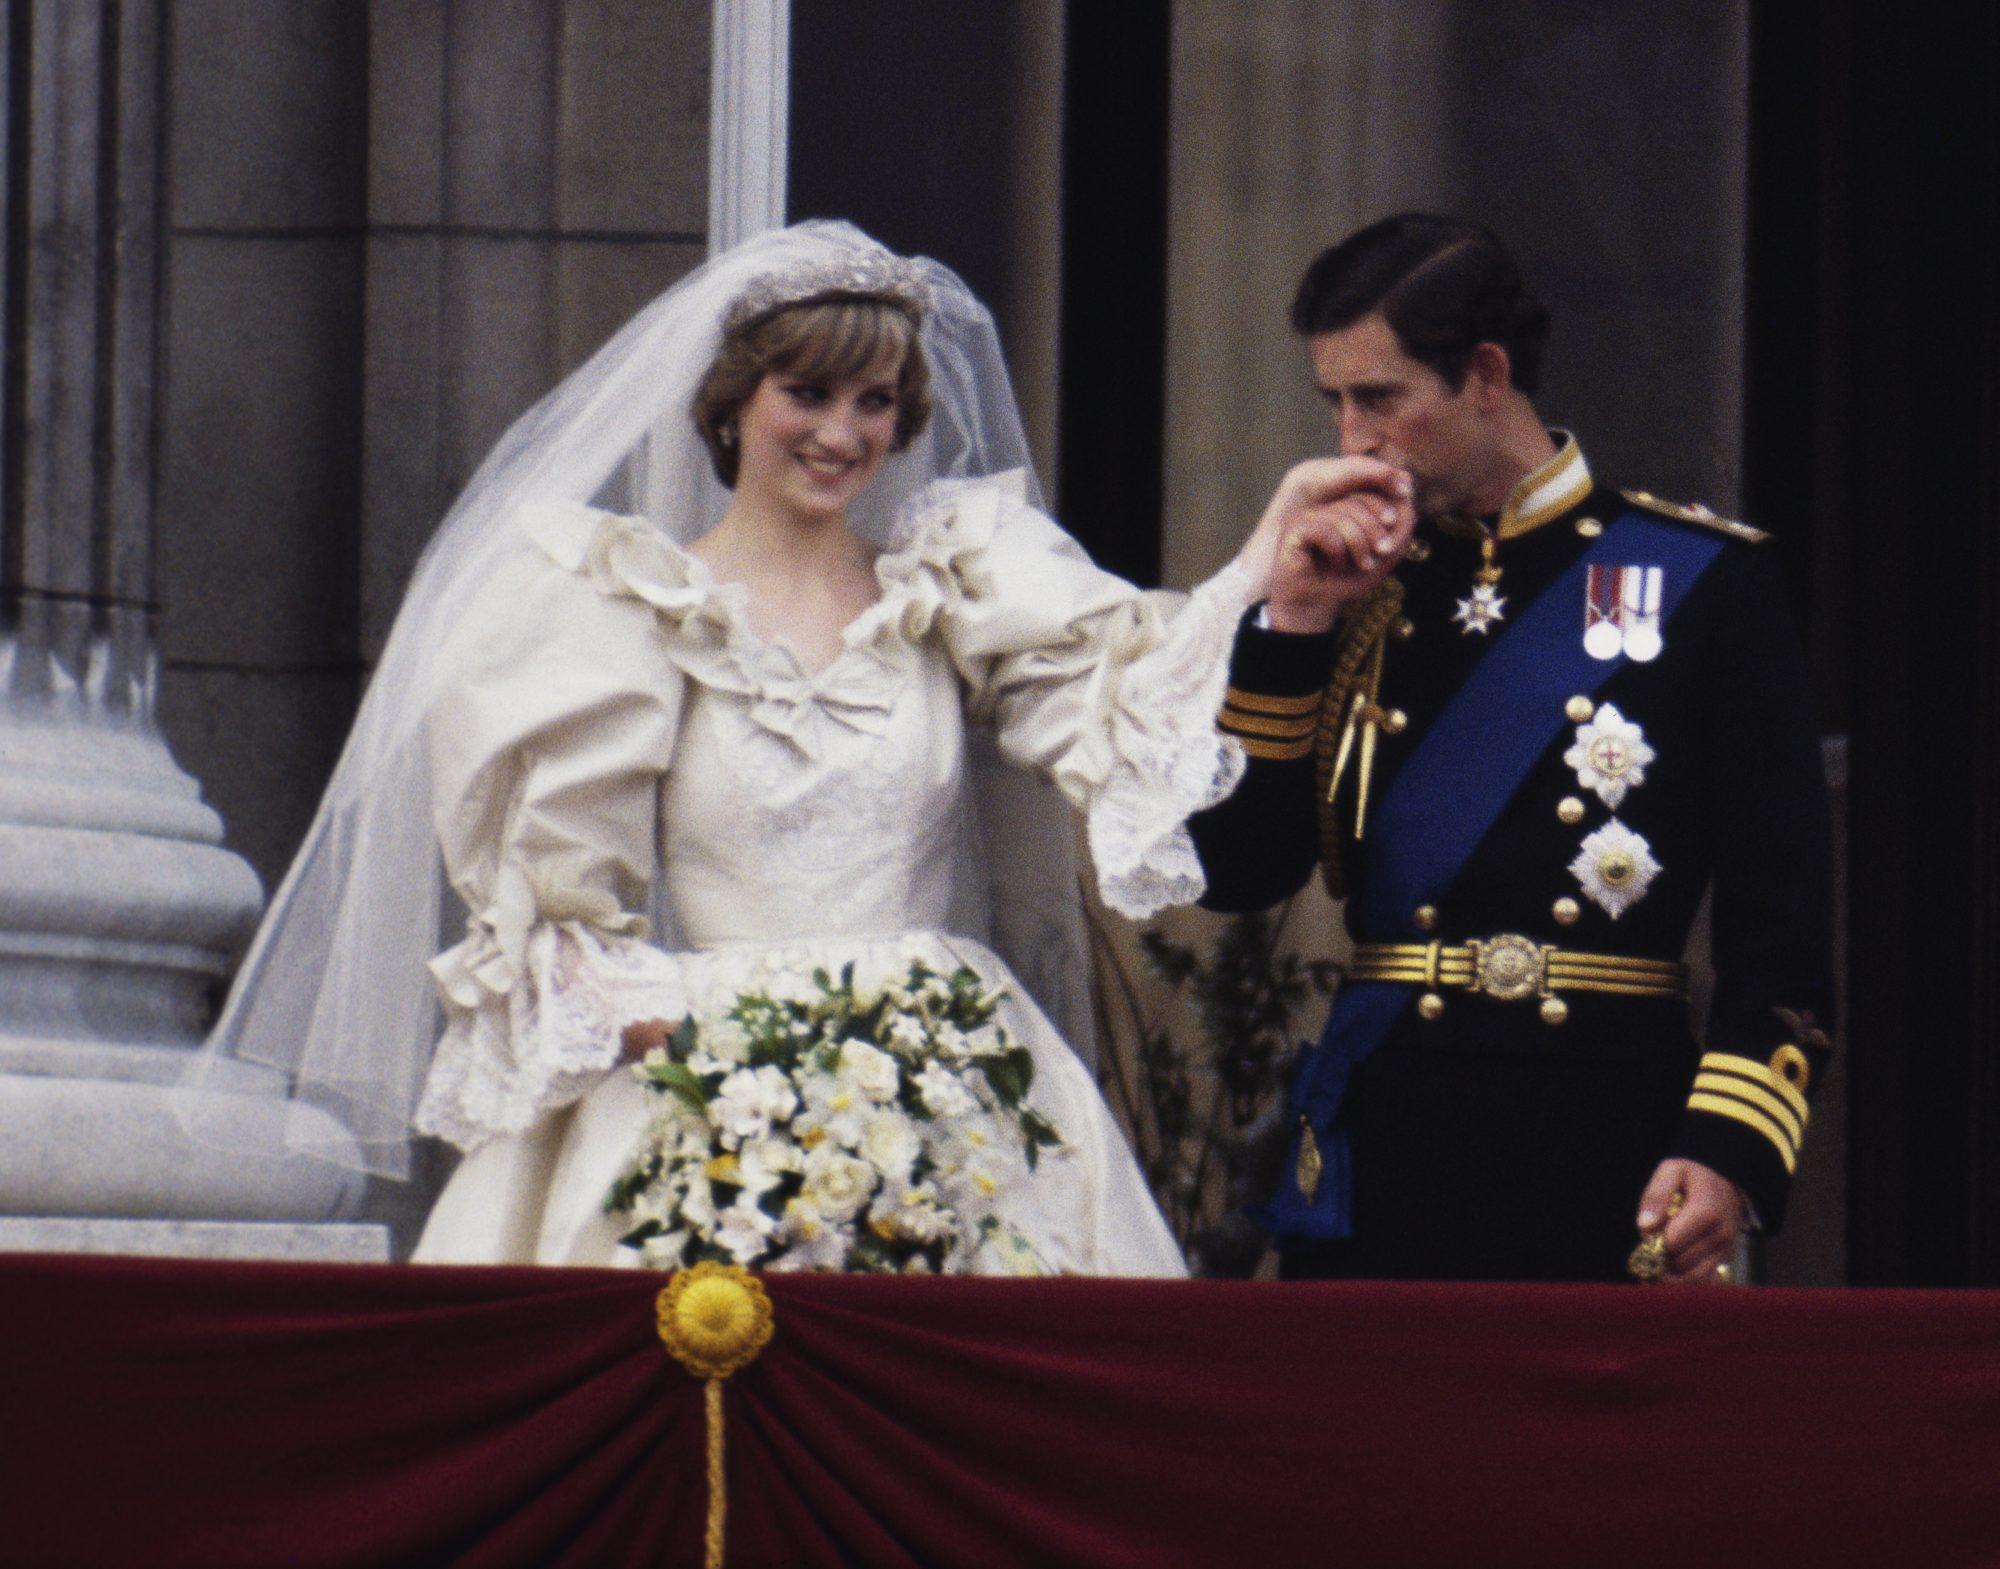 Princess Diana and prince Charles Royal Wedding